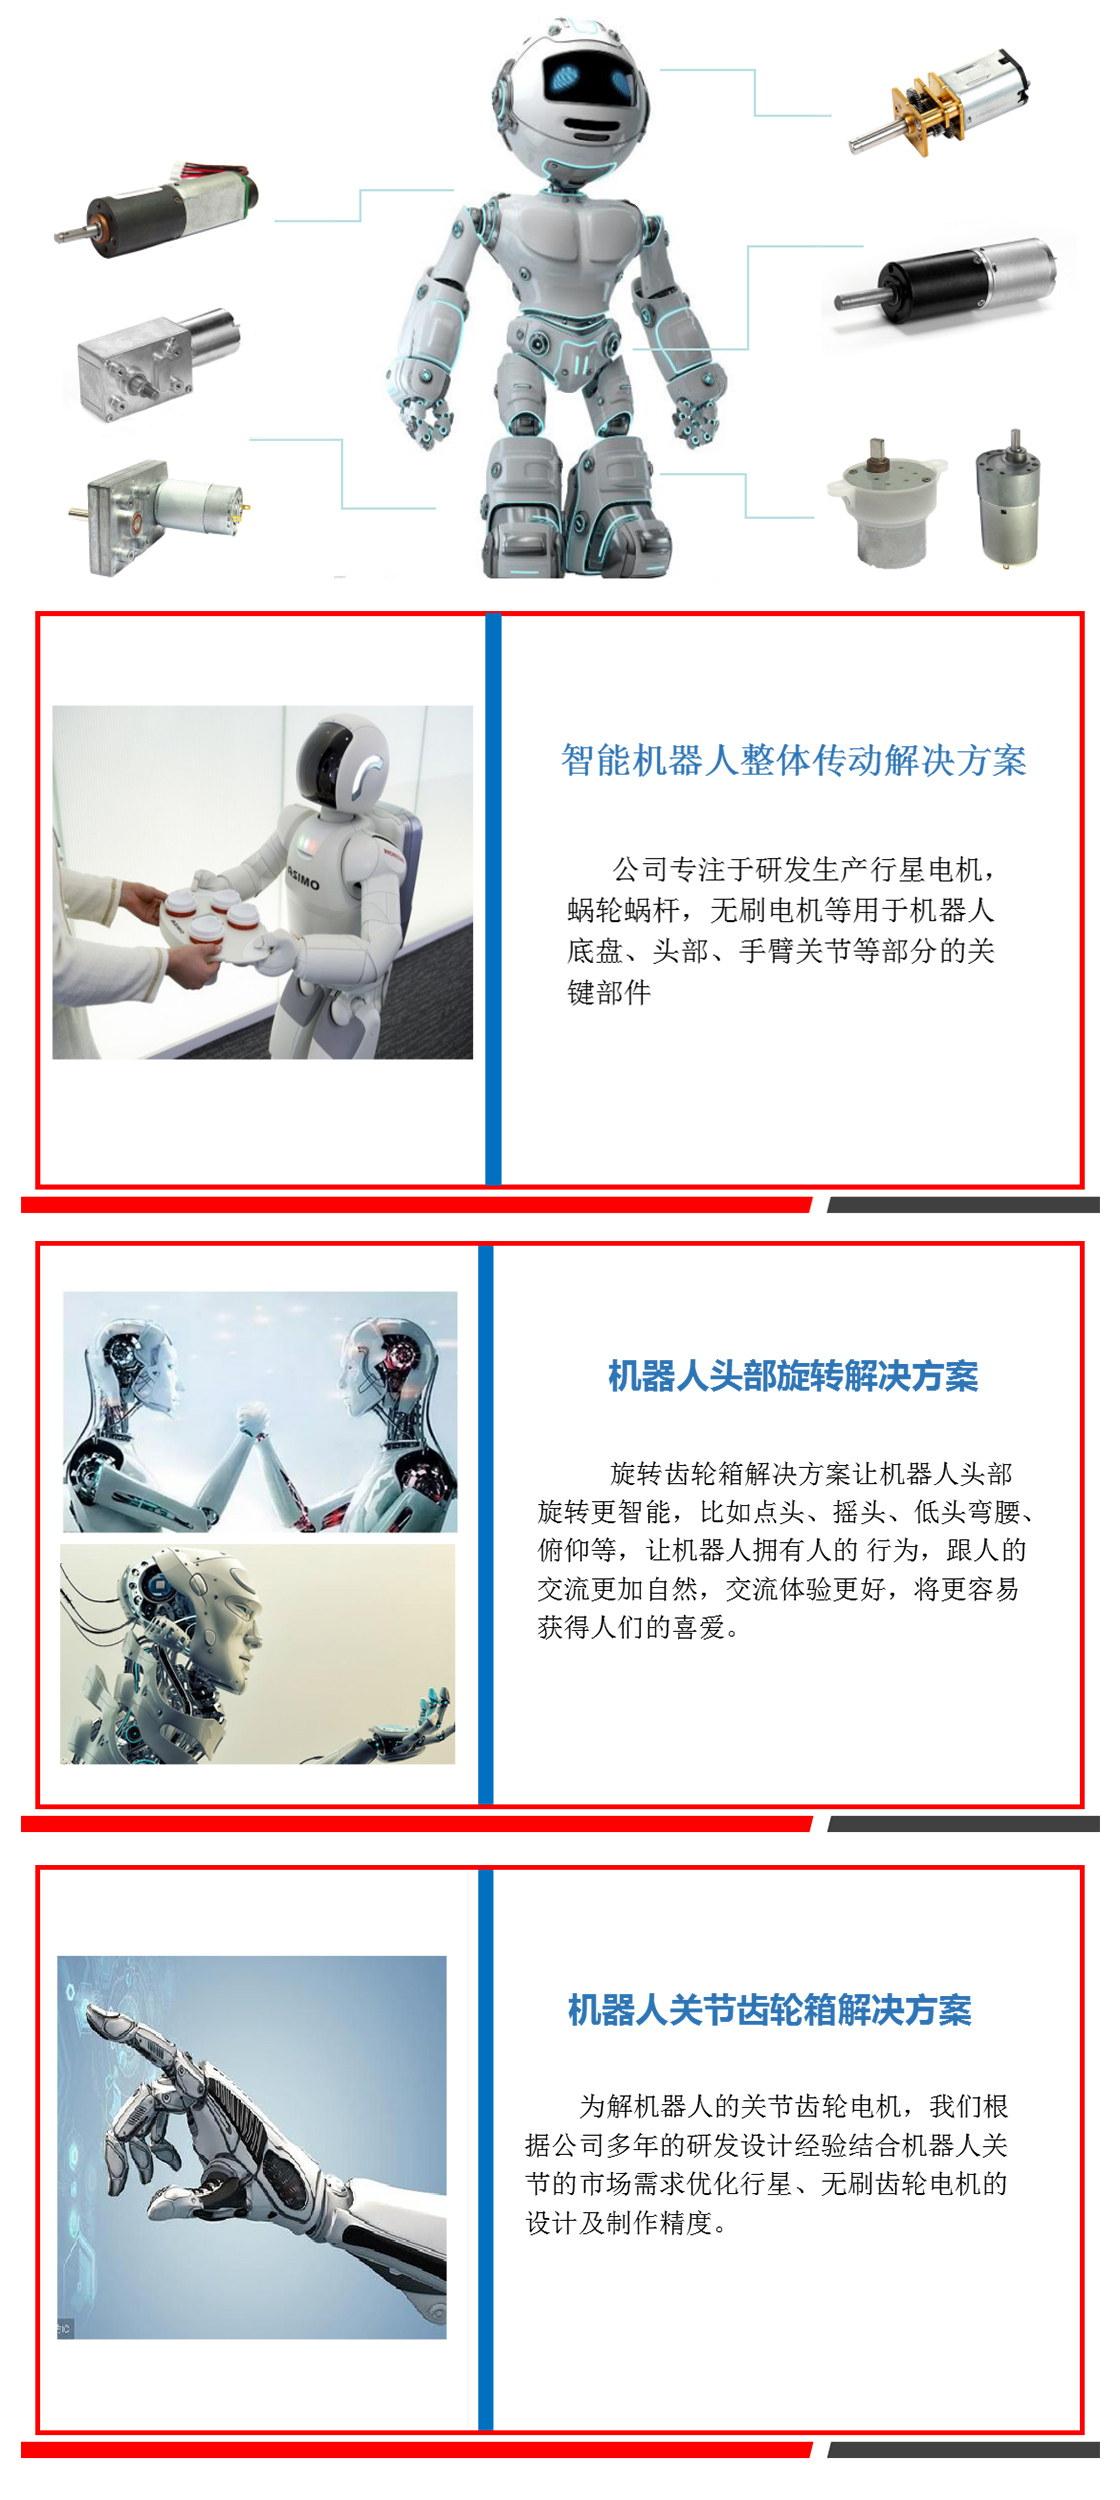 智能机器人应用